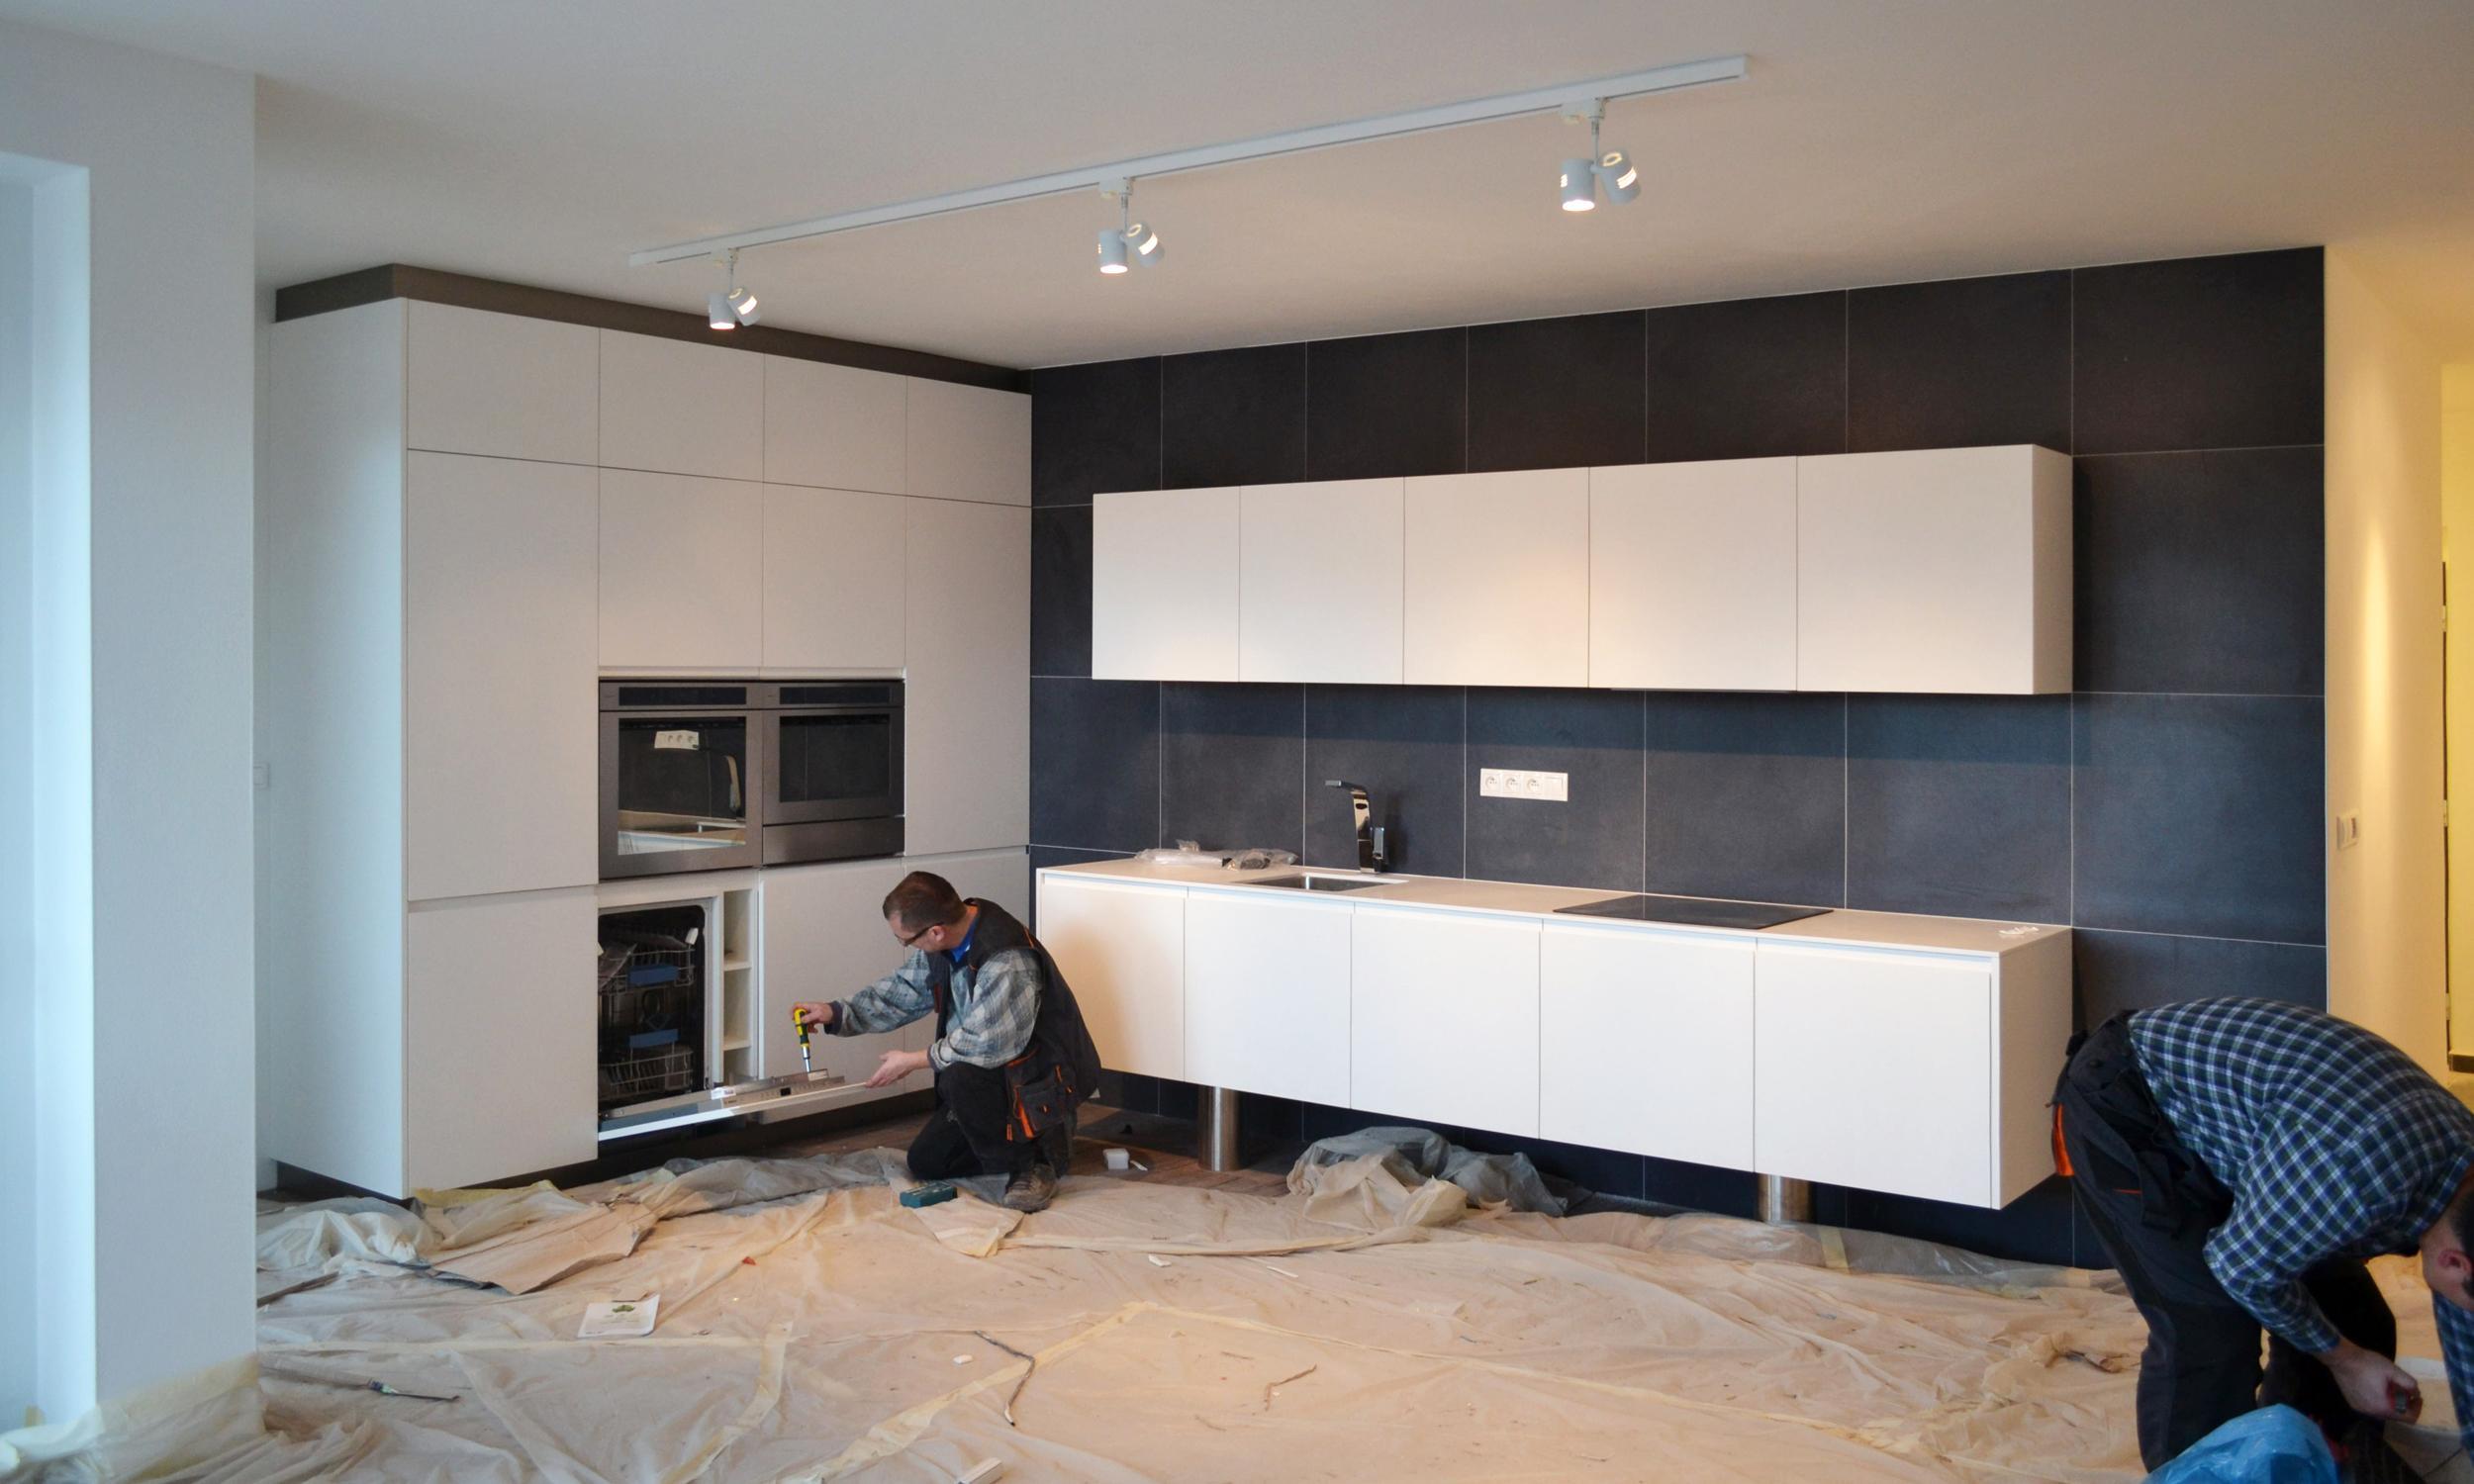 innenarchitektur aus einem wohnzimmer mit k che und esszimmer bratislava slowakei rules. Black Bedroom Furniture Sets. Home Design Ideas